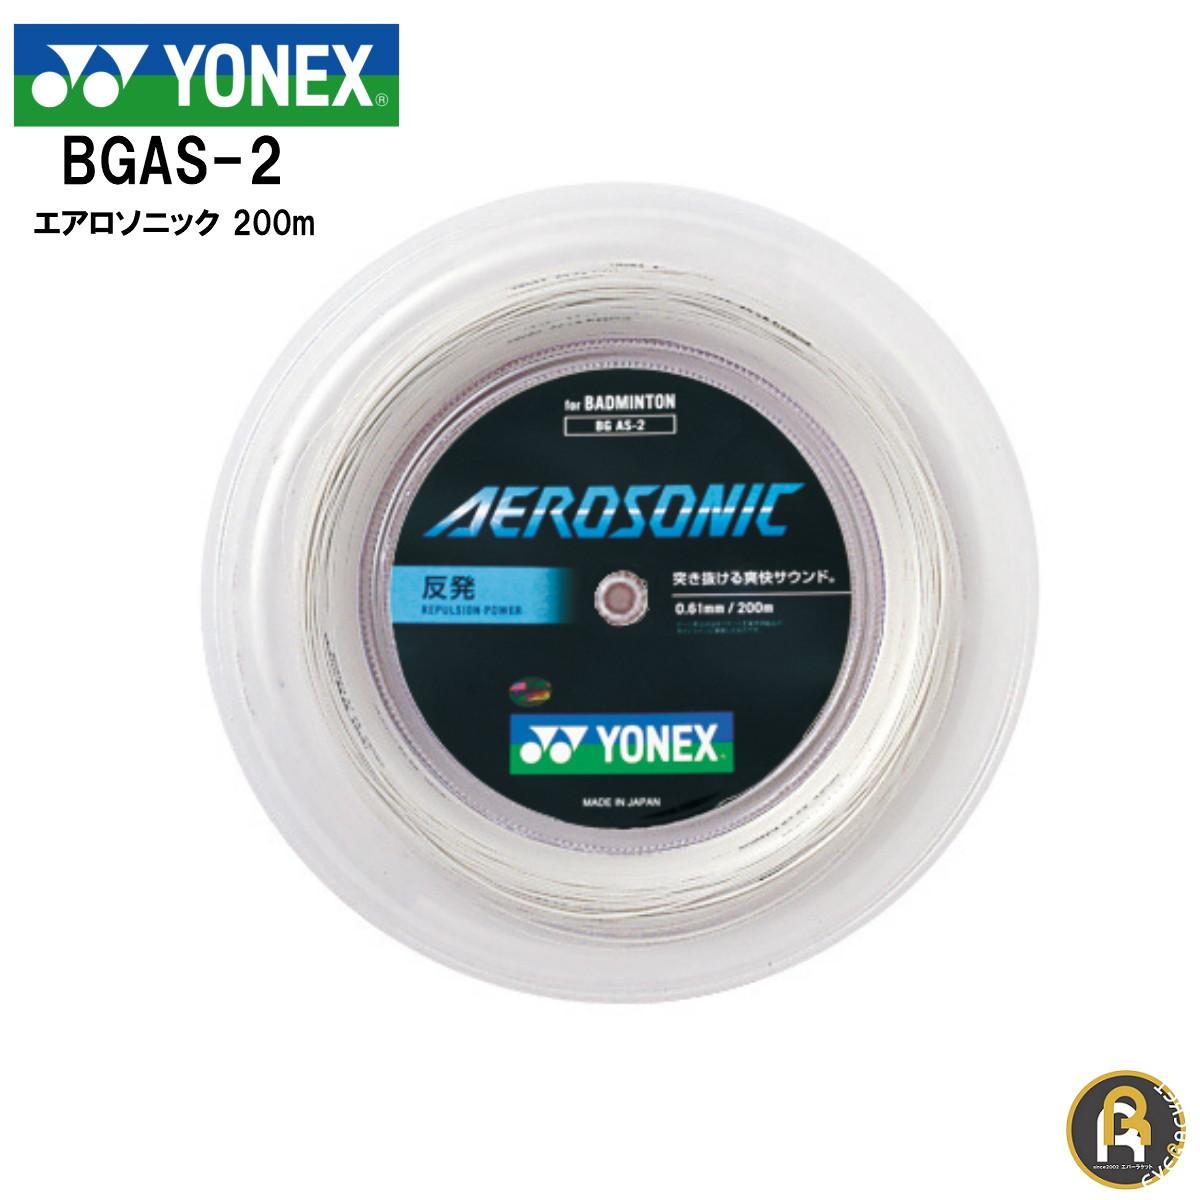 【スーパーセールポイント5倍】【激安ガット】YONEX ヨネックス バドミントン バドミントンストリング ガット エアロソニック200m BGAS-2